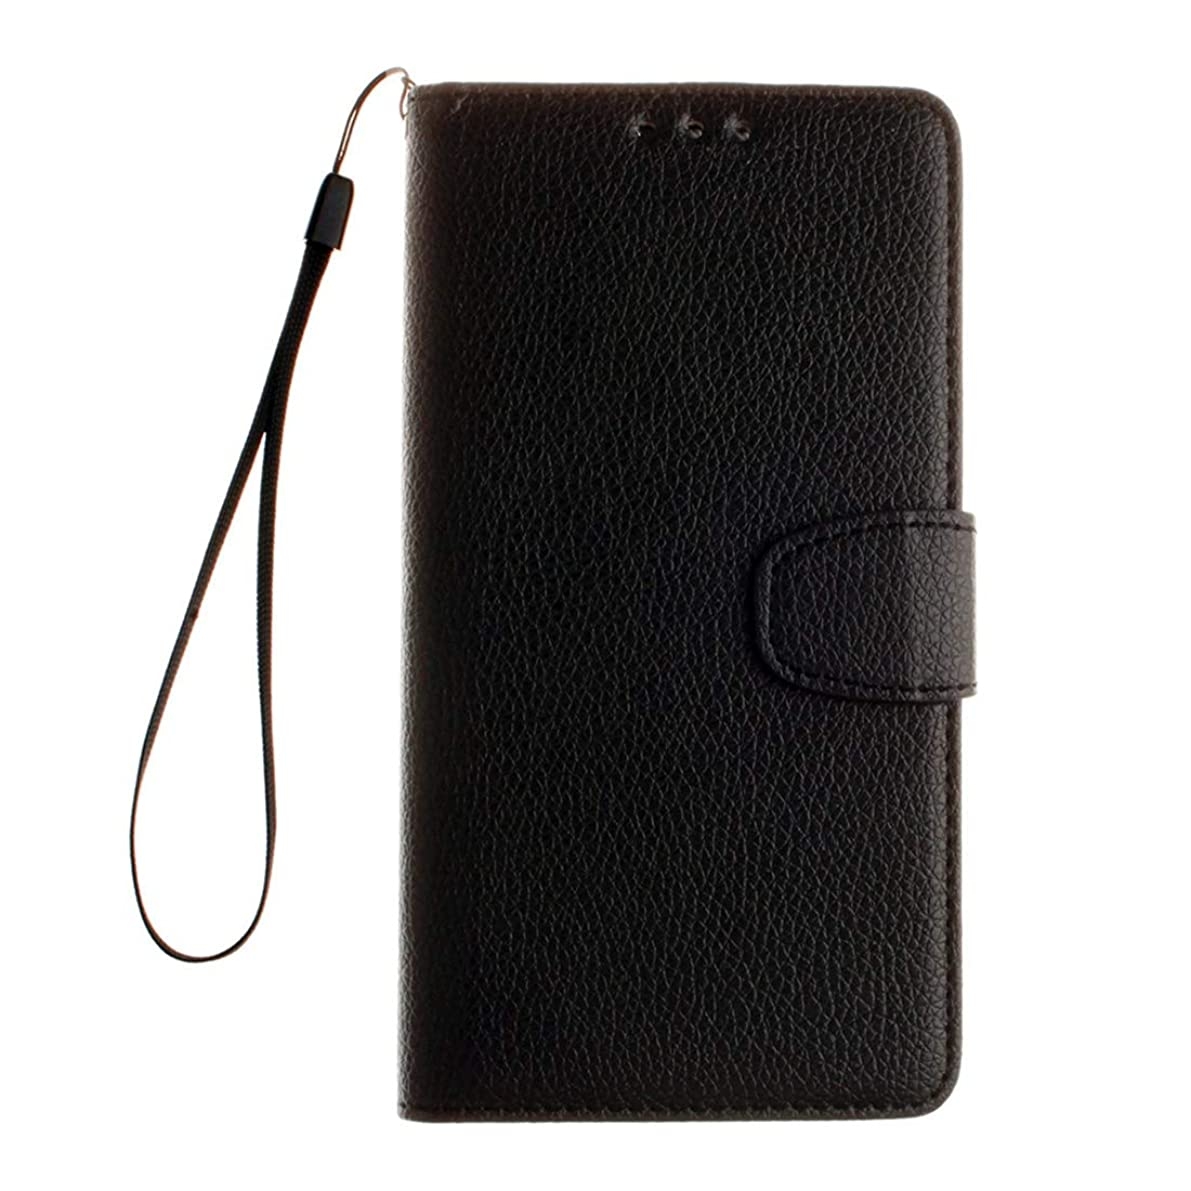 国松明失効Motorola Moto G4&G4 Plus Litchi Texture水平フリップレザーケースホルダー&カードスロット&ウォレット&フォトフレーム&ストラップ付き(ブラック) Lianz (色 : Black)